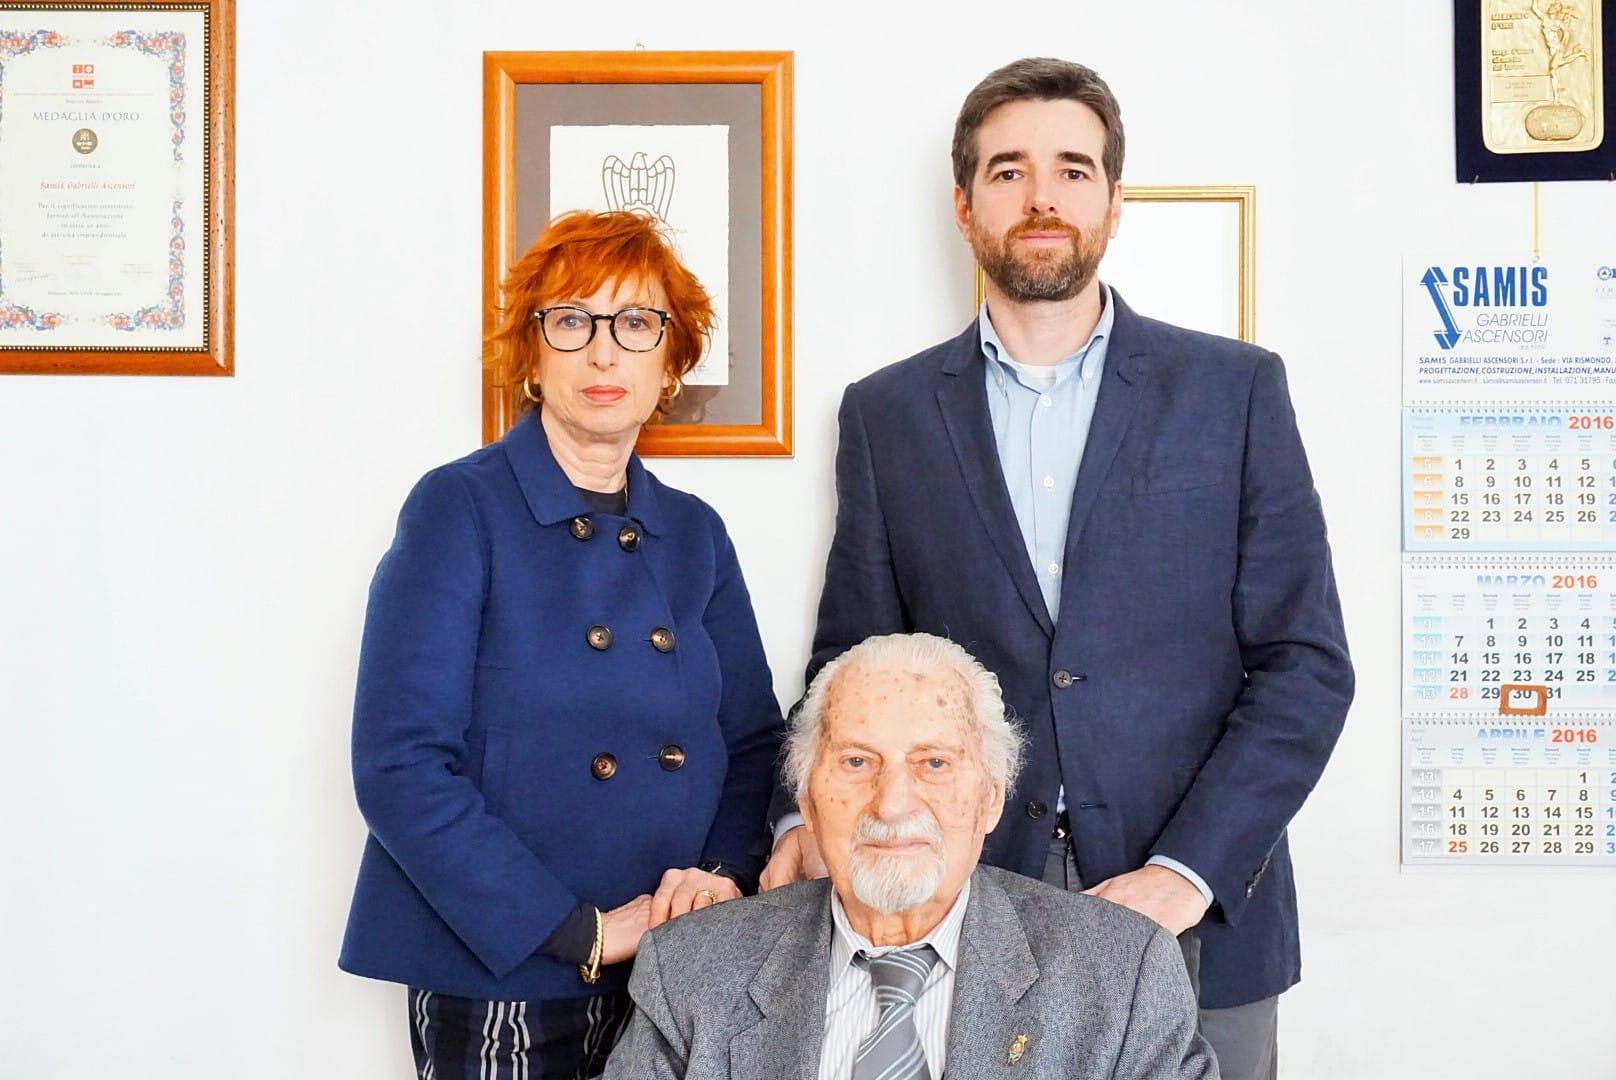 SAMIS Gabrielli ascensori, Ing. Paolo Gabrielli, Valeria Gabrielli e Gabriele Fortunati